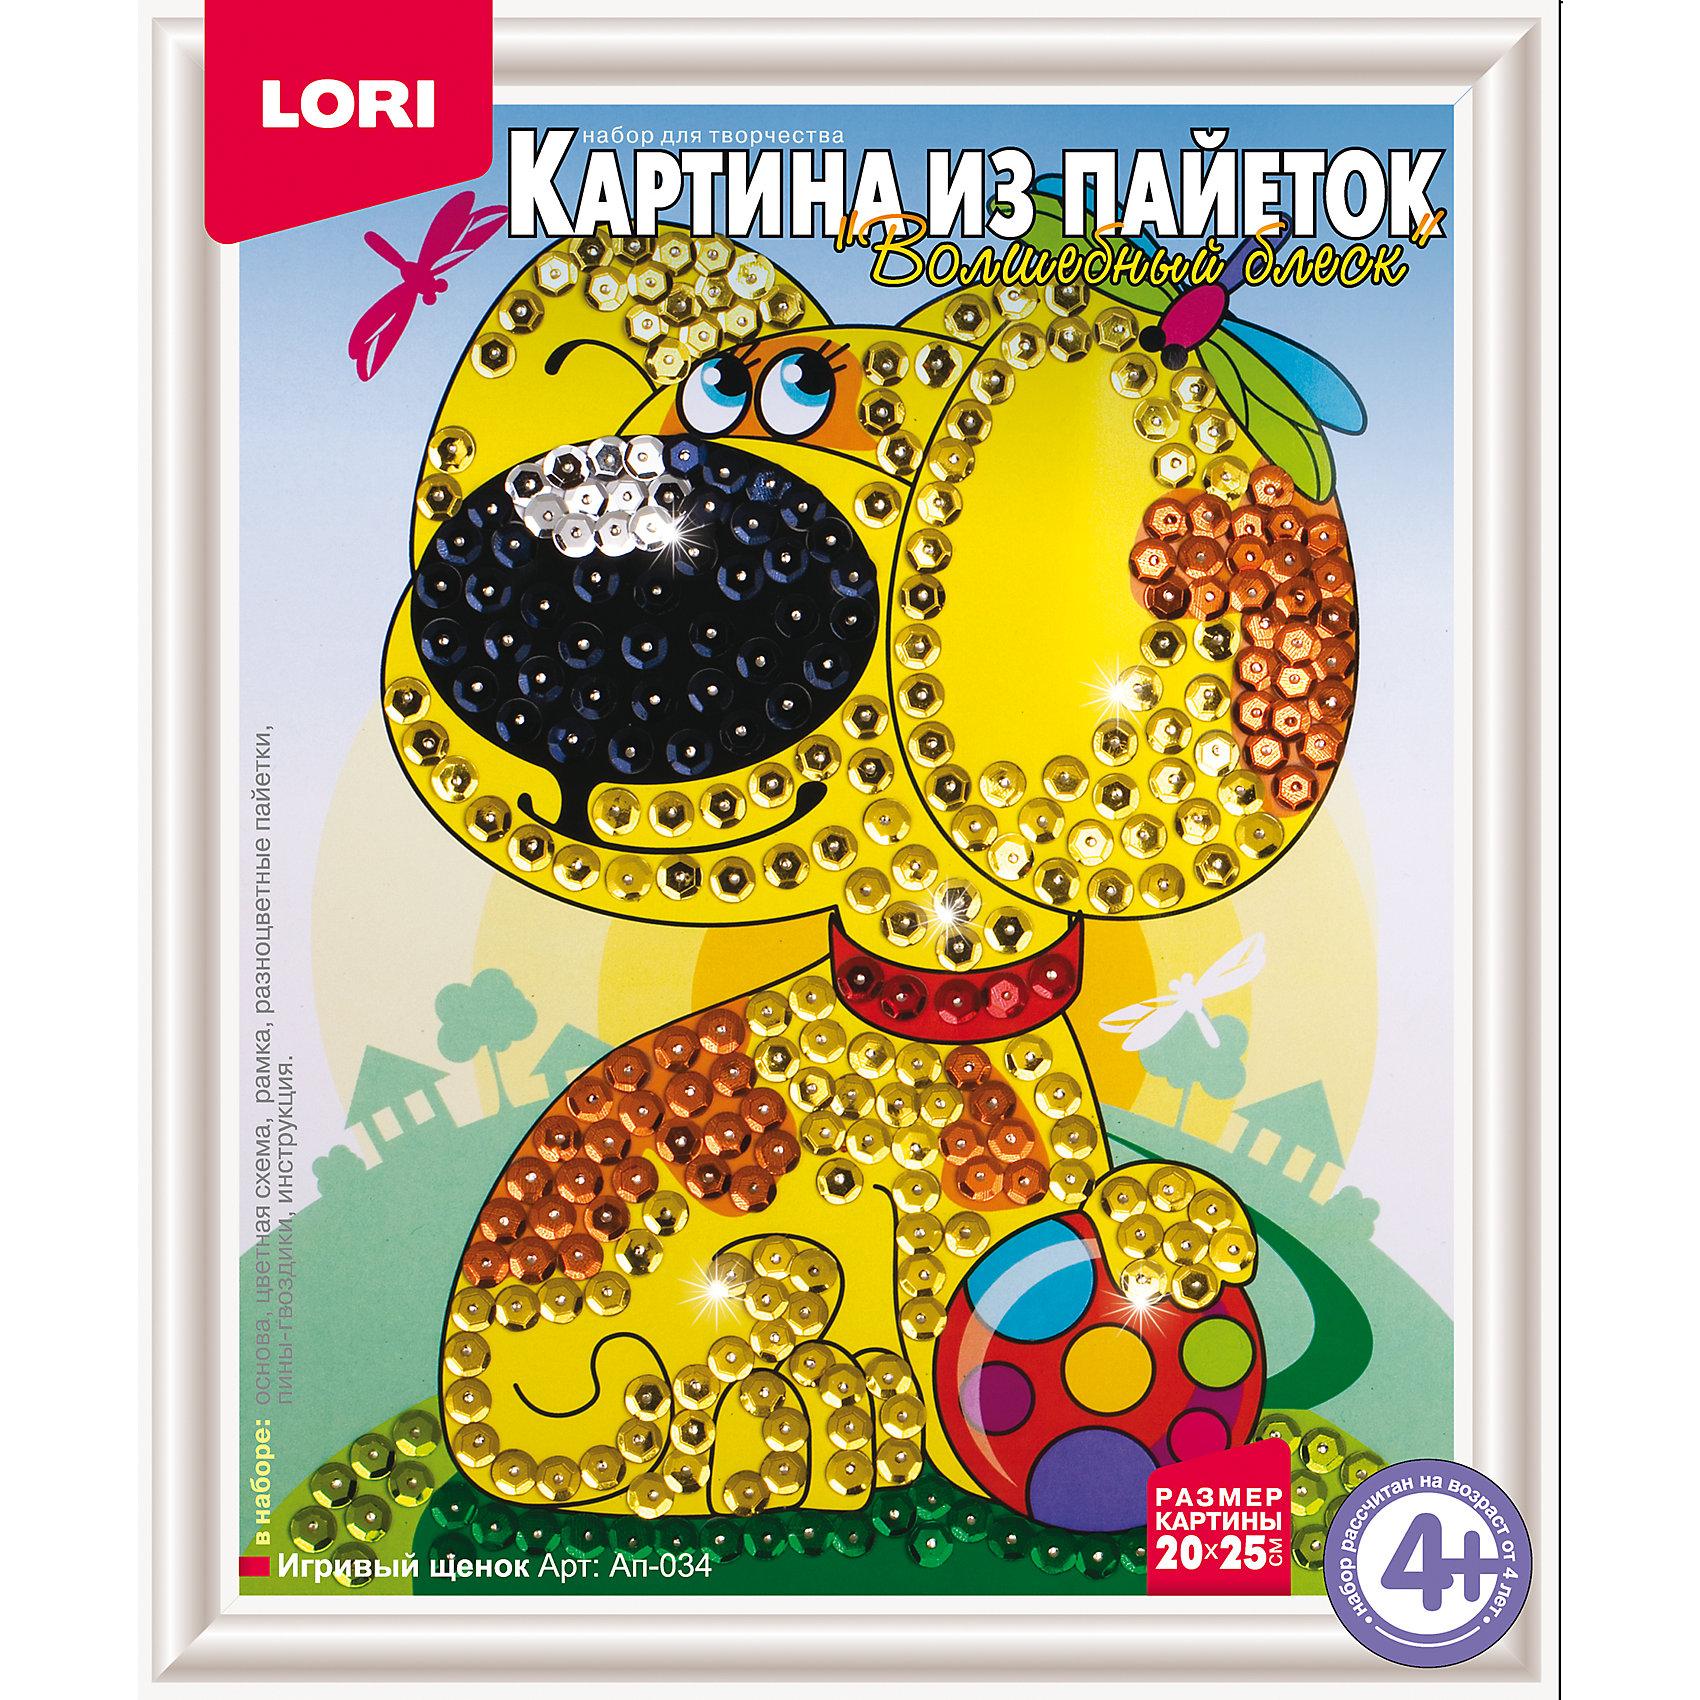 Картина из пайеток Игривый щенокБумага<br>Характеристики картины из пайеток Игривый щенок:<br><br>- возраст: от 4 лет<br>- пол: для мальчиков и девочек<br>- цвет: желтый, коричневый, фиолетовый, зеленый, красный.<br>- комплект: основа, цветная схема, рамка, разноцветные пайетки, пины-гвоздики.<br>- материал: картон, пластик, металл.<br>- размер упаковки: 21.5 * 25.6 * 4 см.<br>- упаковка: картонная коробка.<br>- размер картины: 20 * 25 см.<br>- вес: 170 гр.<br>- страна обладатель бренда: Россия.<br><br>Набор Волшебный блеск предназначен для создания картины из пайеток. В комплект есть все необходимое: основа, разноцветные пайетки, гвоздики для их прикрепления, цветная схема, подробная инструкция с описанием последовательности действий, а также рамка, в которую можно поместить готовую картину.<br>Создание картины из пайеток - увлекательный процесс, во время которого ребенок погружается в мир творчества, а также развивает внимательность и усидчивость.<br>На готовой картинке ребенок увидит очаровательного улыбчивого щенка, который мечтательно смотрит в небо.<br> <br>Картину из пайеток Волшебный блеск можно купить в нашем интернет-магазине.<br><br>Ширина мм: 256<br>Глубина мм: 215<br>Высота мм: 40<br>Вес г: 198<br>Возраст от месяцев: 48<br>Возраст до месяцев: 84<br>Пол: Унисекс<br>Возраст: Детский<br>SKU: 5154856